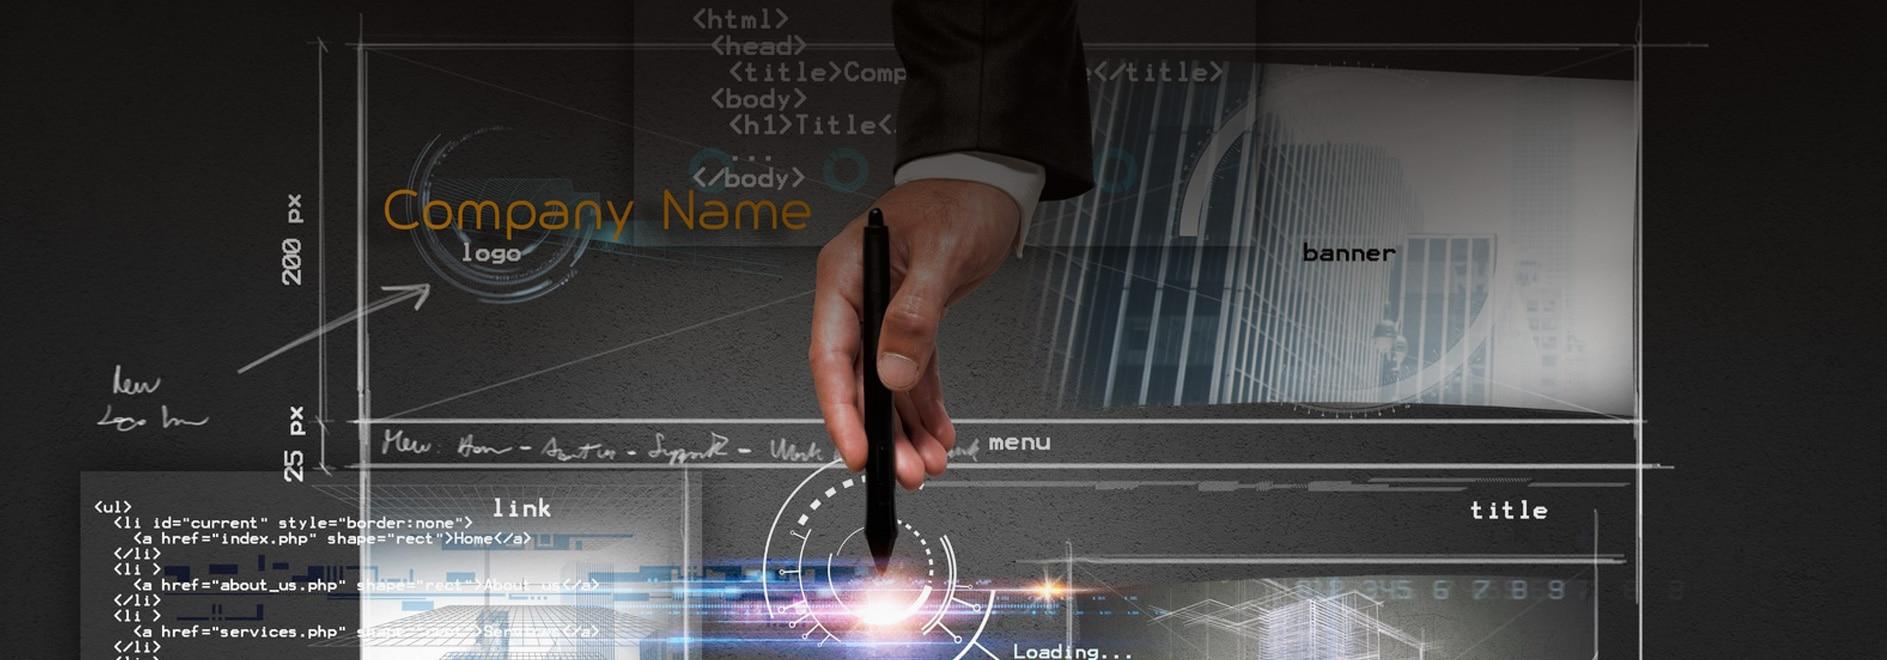 Web Design Daleville VA